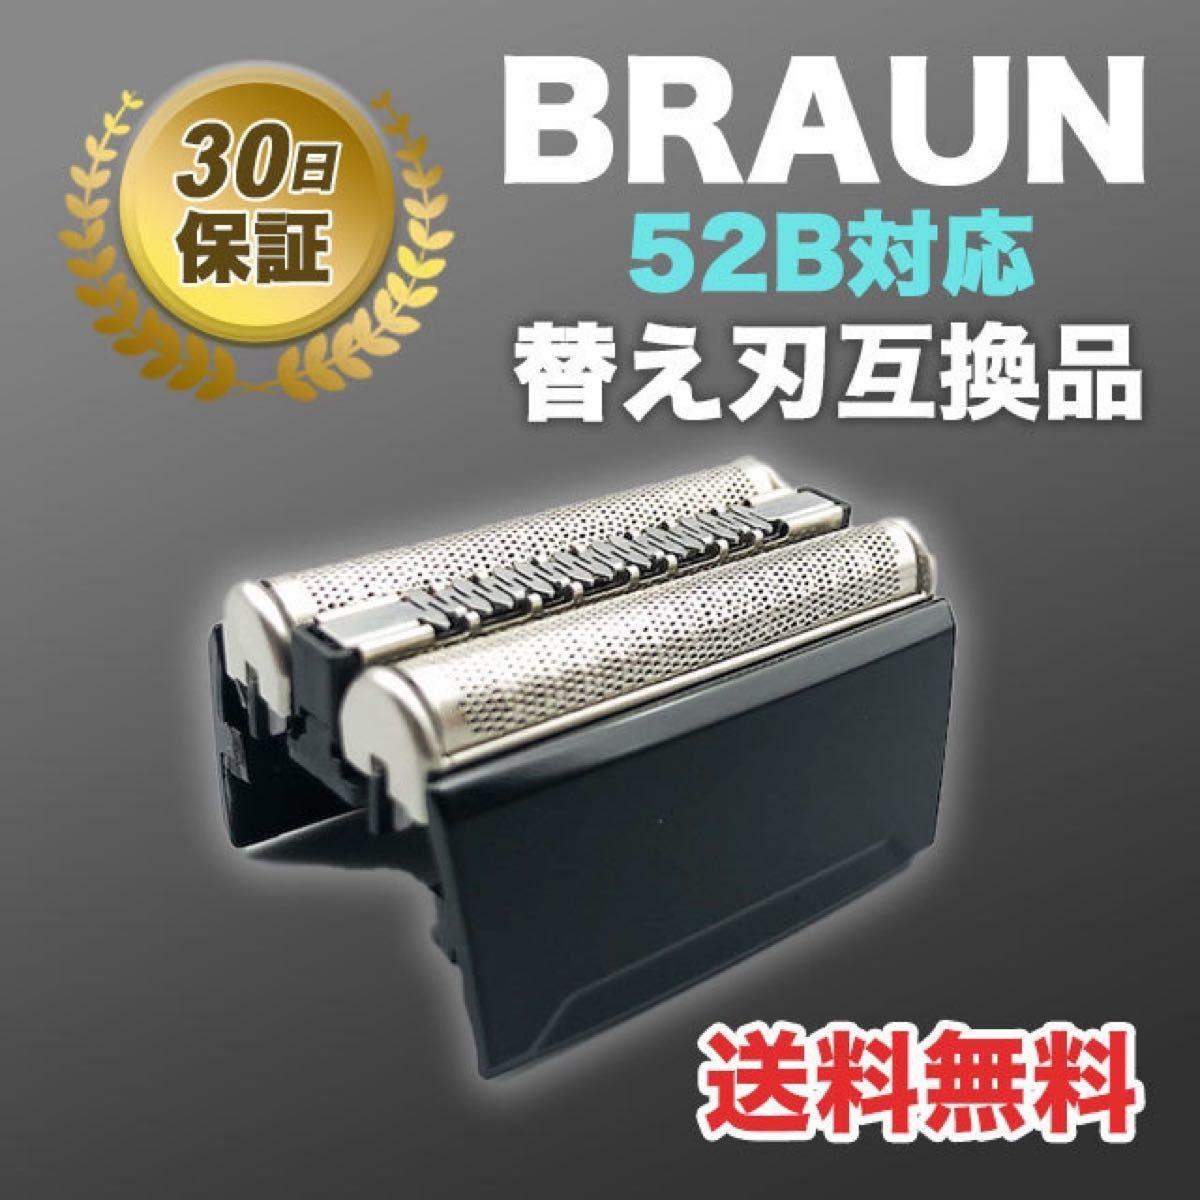 ブラウン BRAUN 替刃 シリーズ5 52B(F/C52B) 互換品 髭剃り 替刃